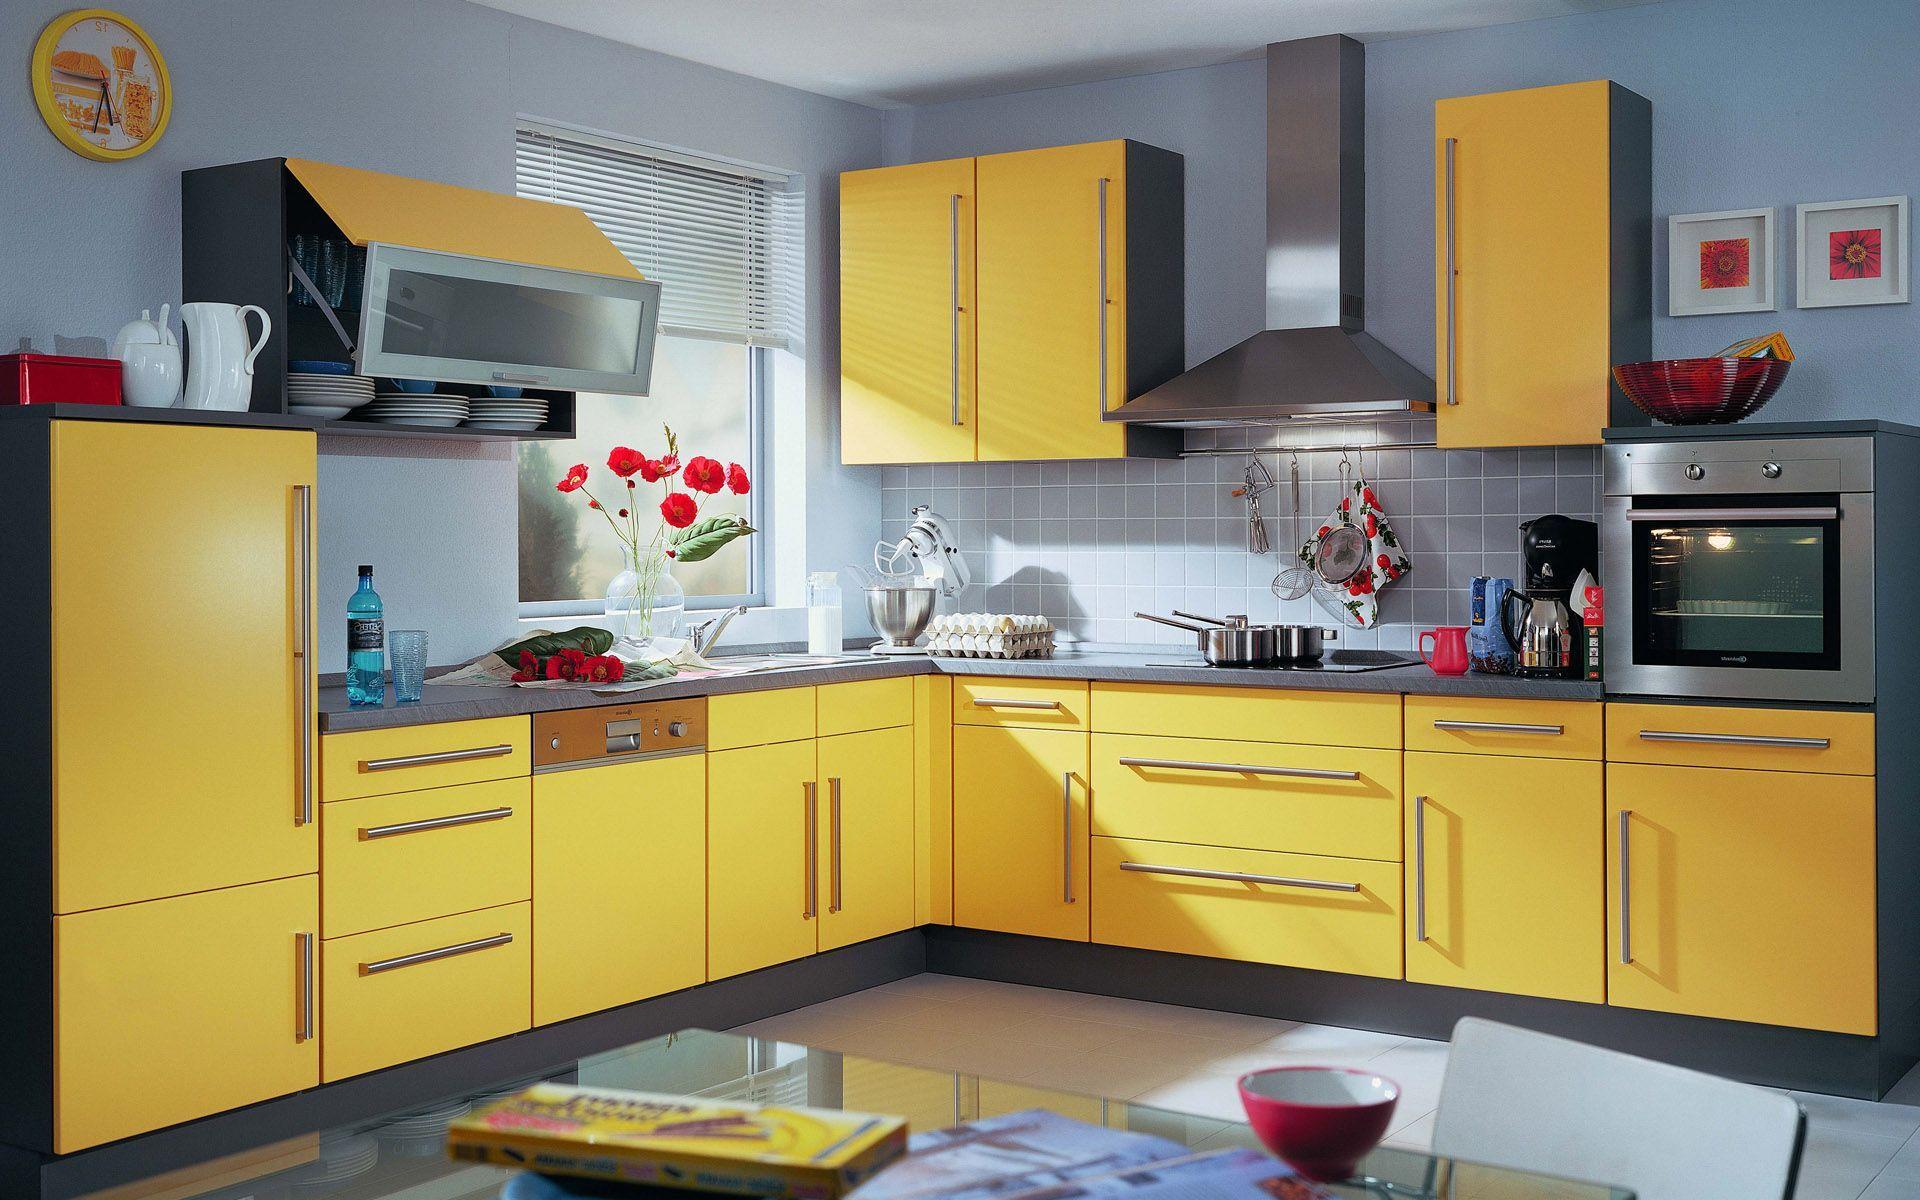 Küche interieur farbschemata  beste farbschemata für küchen design  küche   pinterest